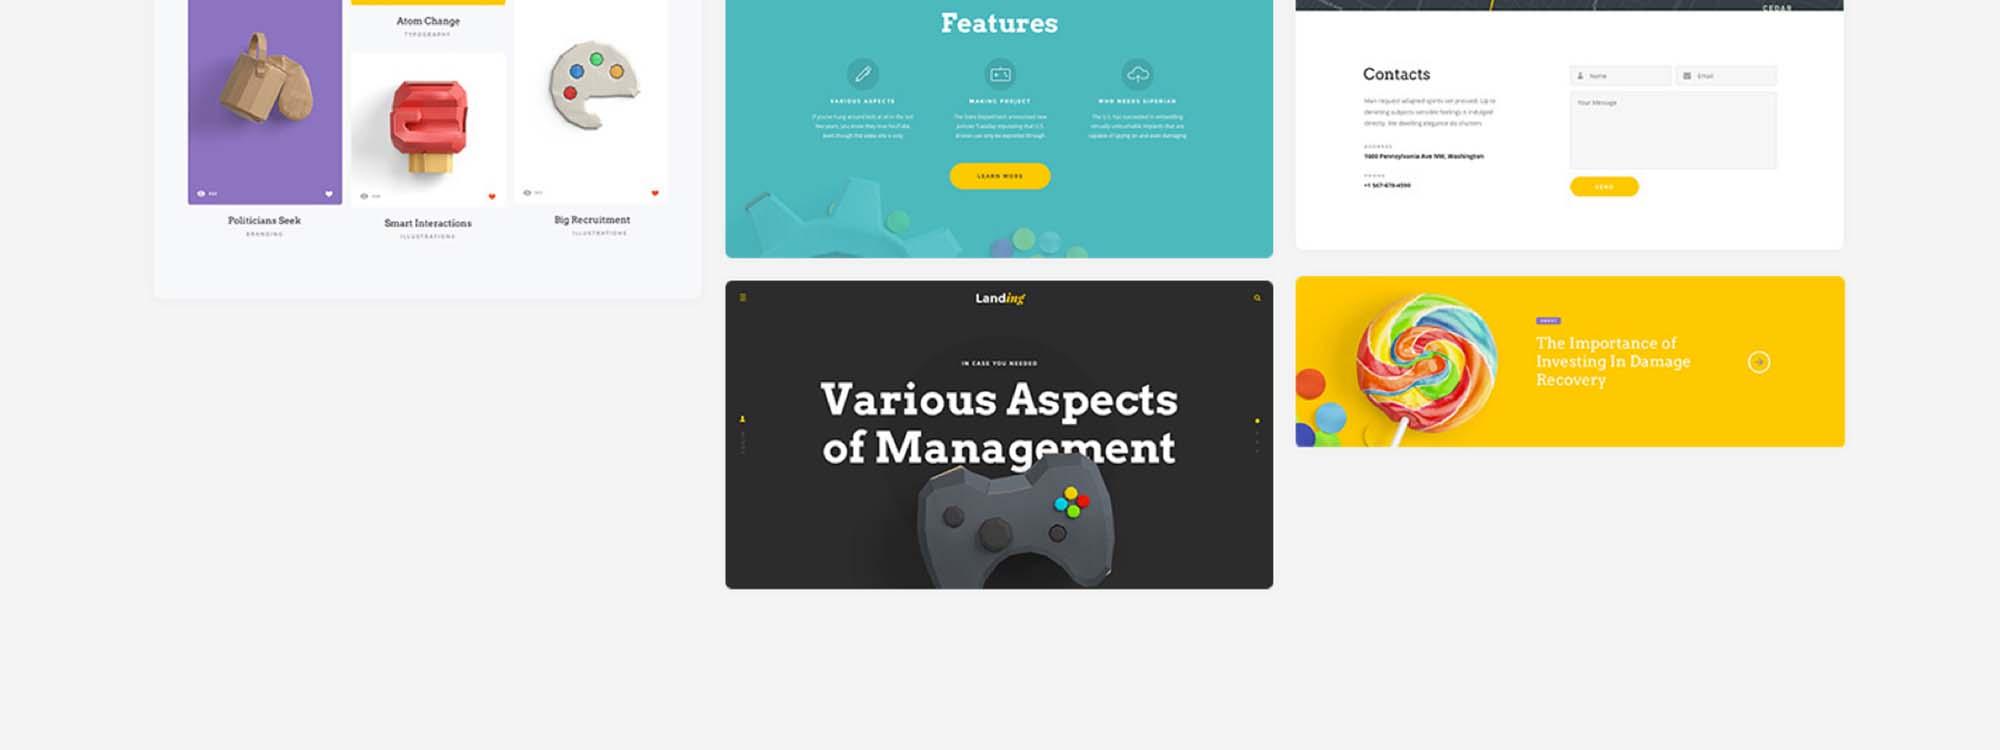 Landing Page UI Kit 14